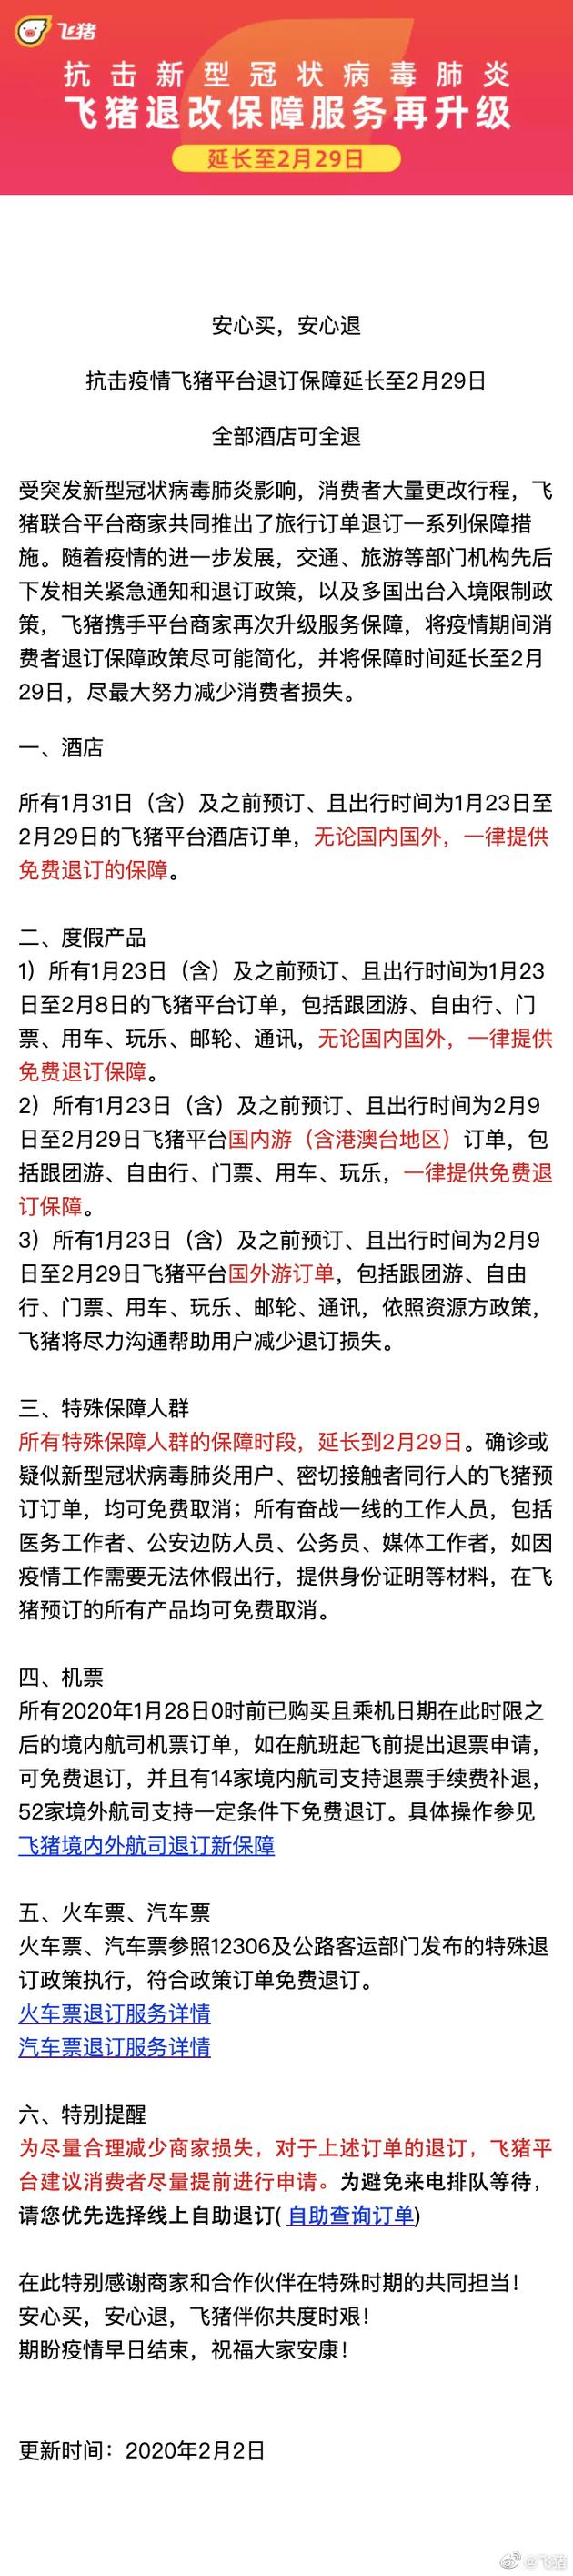 香港建设(控股)1月8日回购22万股耗资156万港币